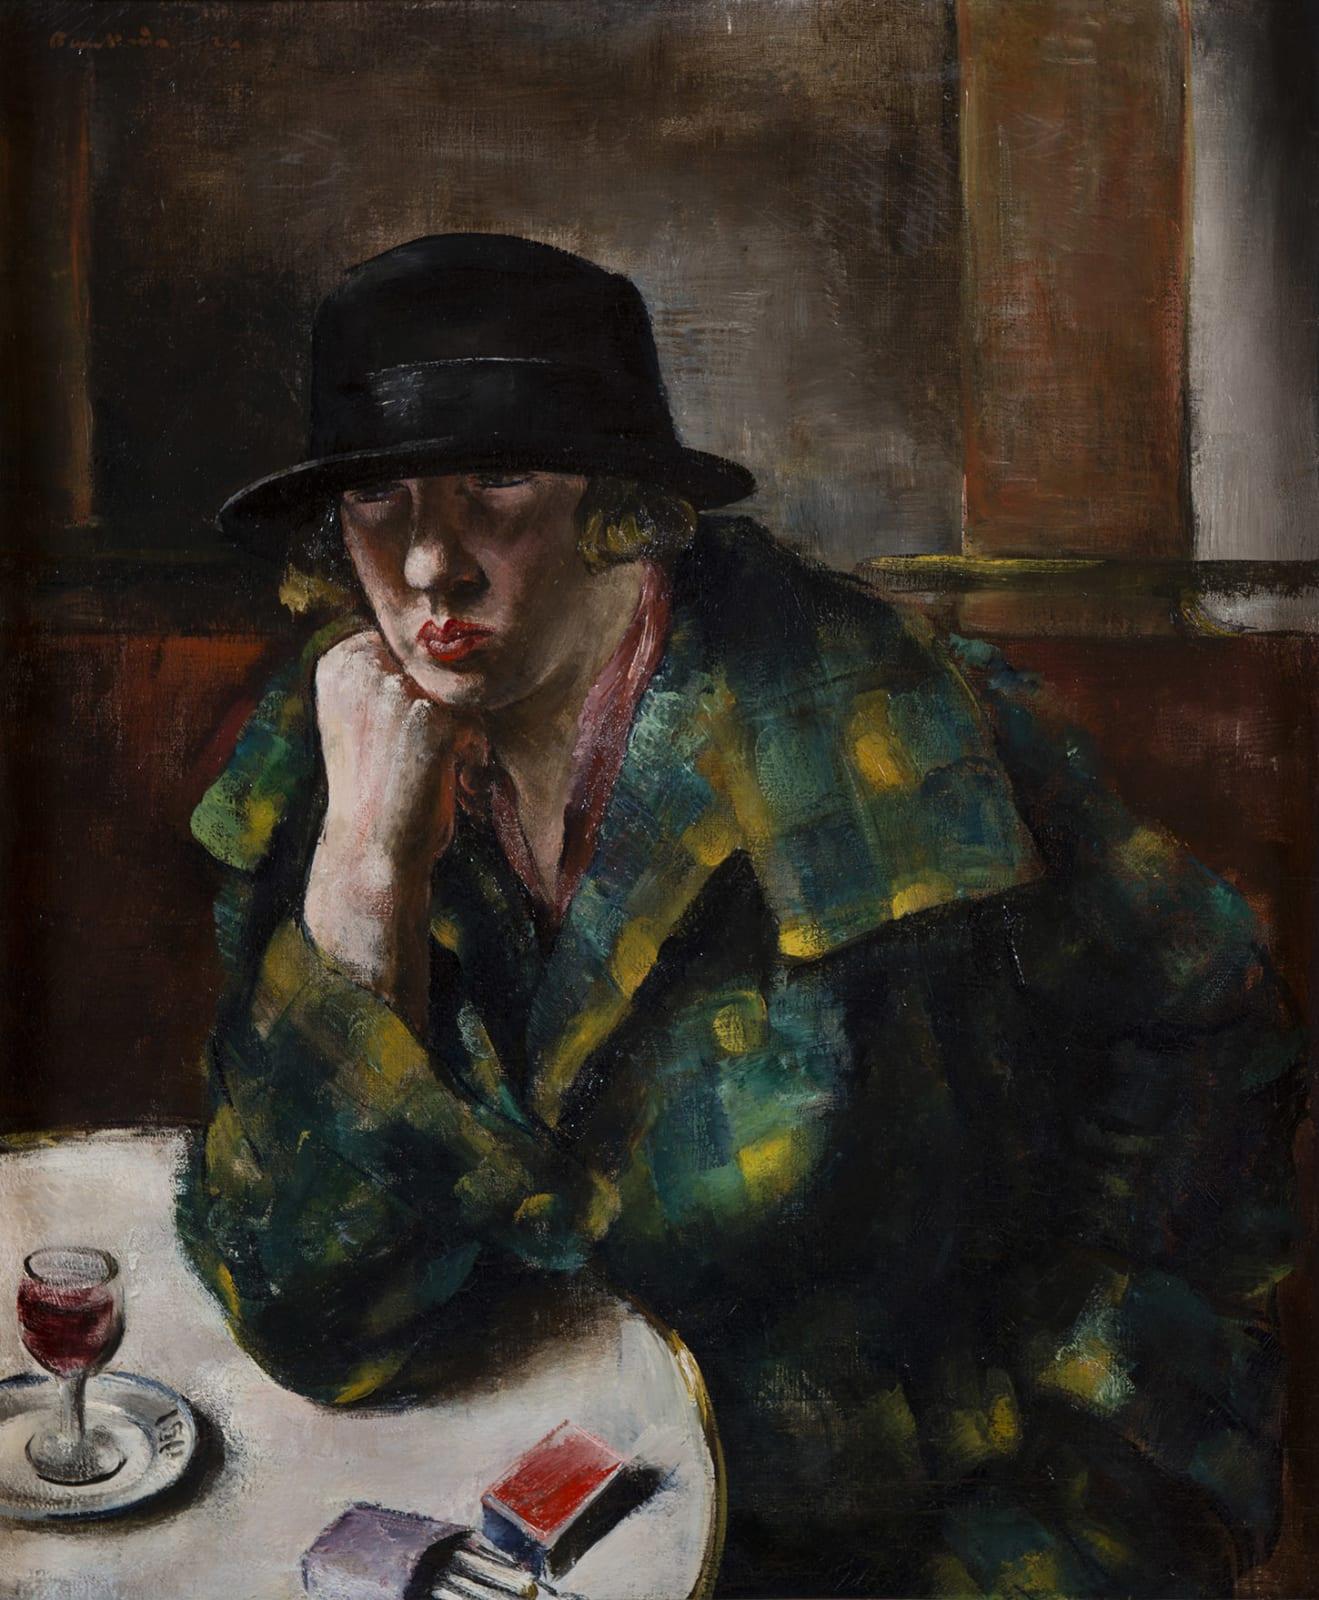 JEAN FAUTRIER, Femme assise dans un café, 1924